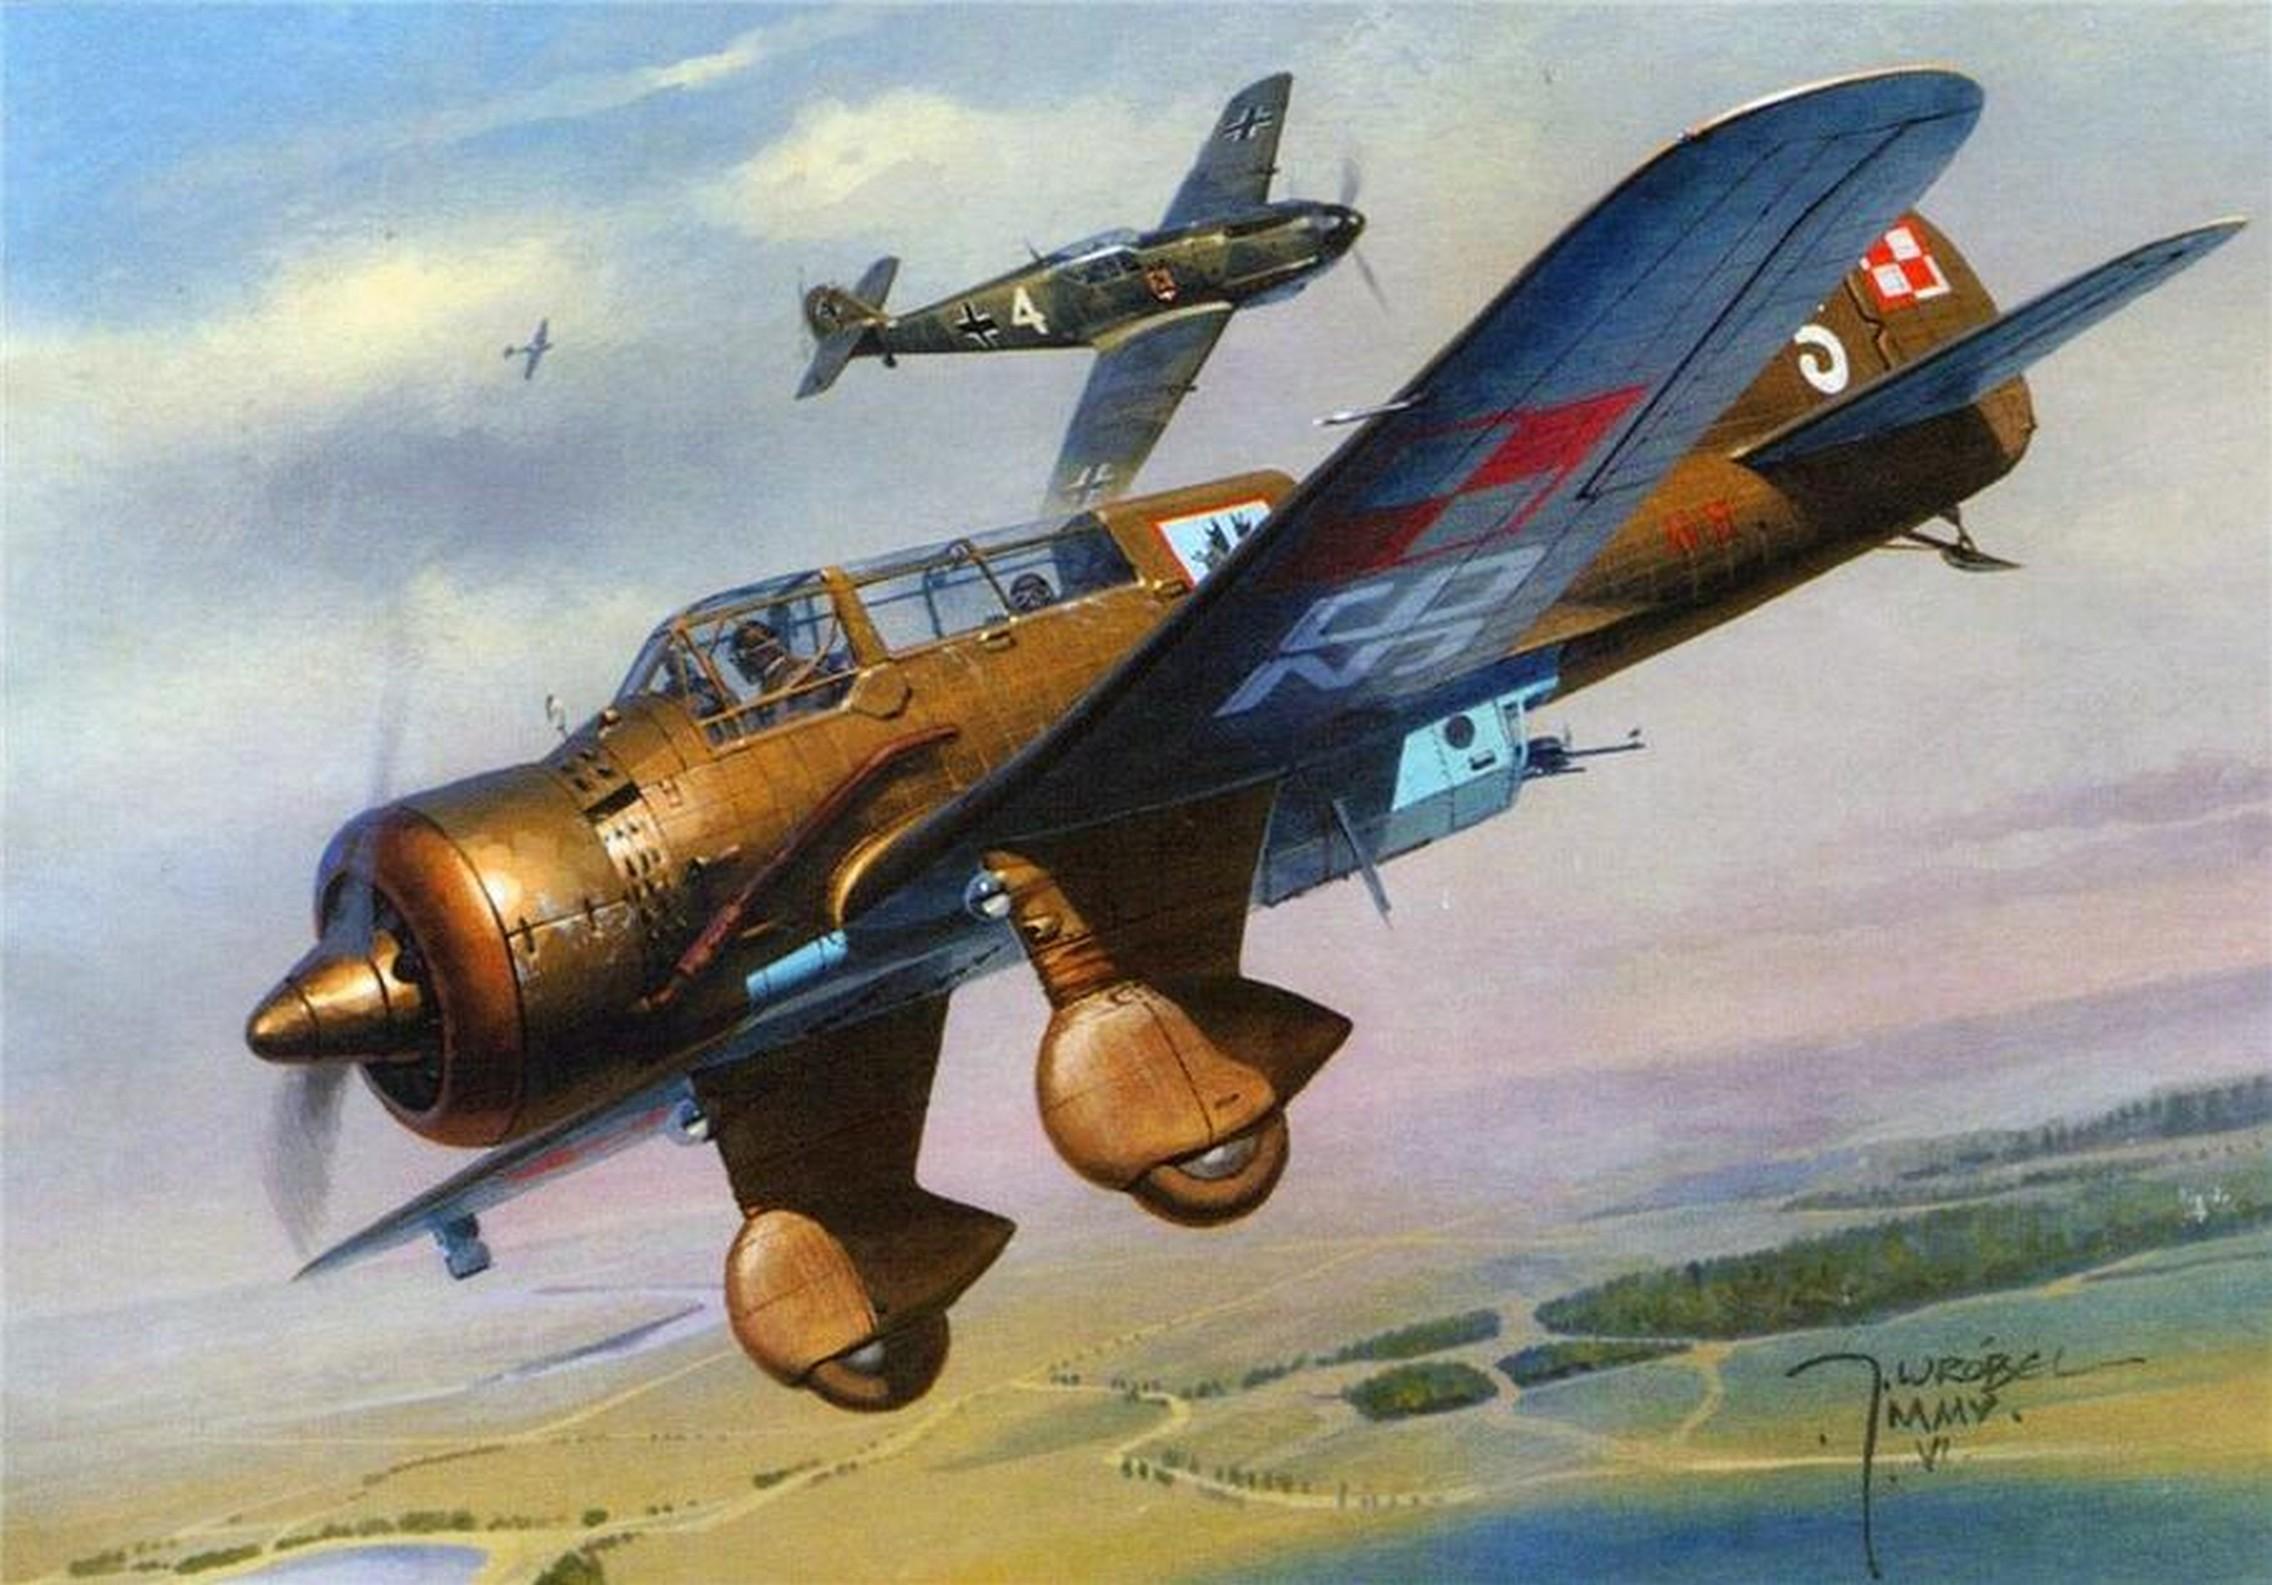 Wrobel Jaroslaw. Бой польского PZL.23 Karaś и немецкого Bf-109.